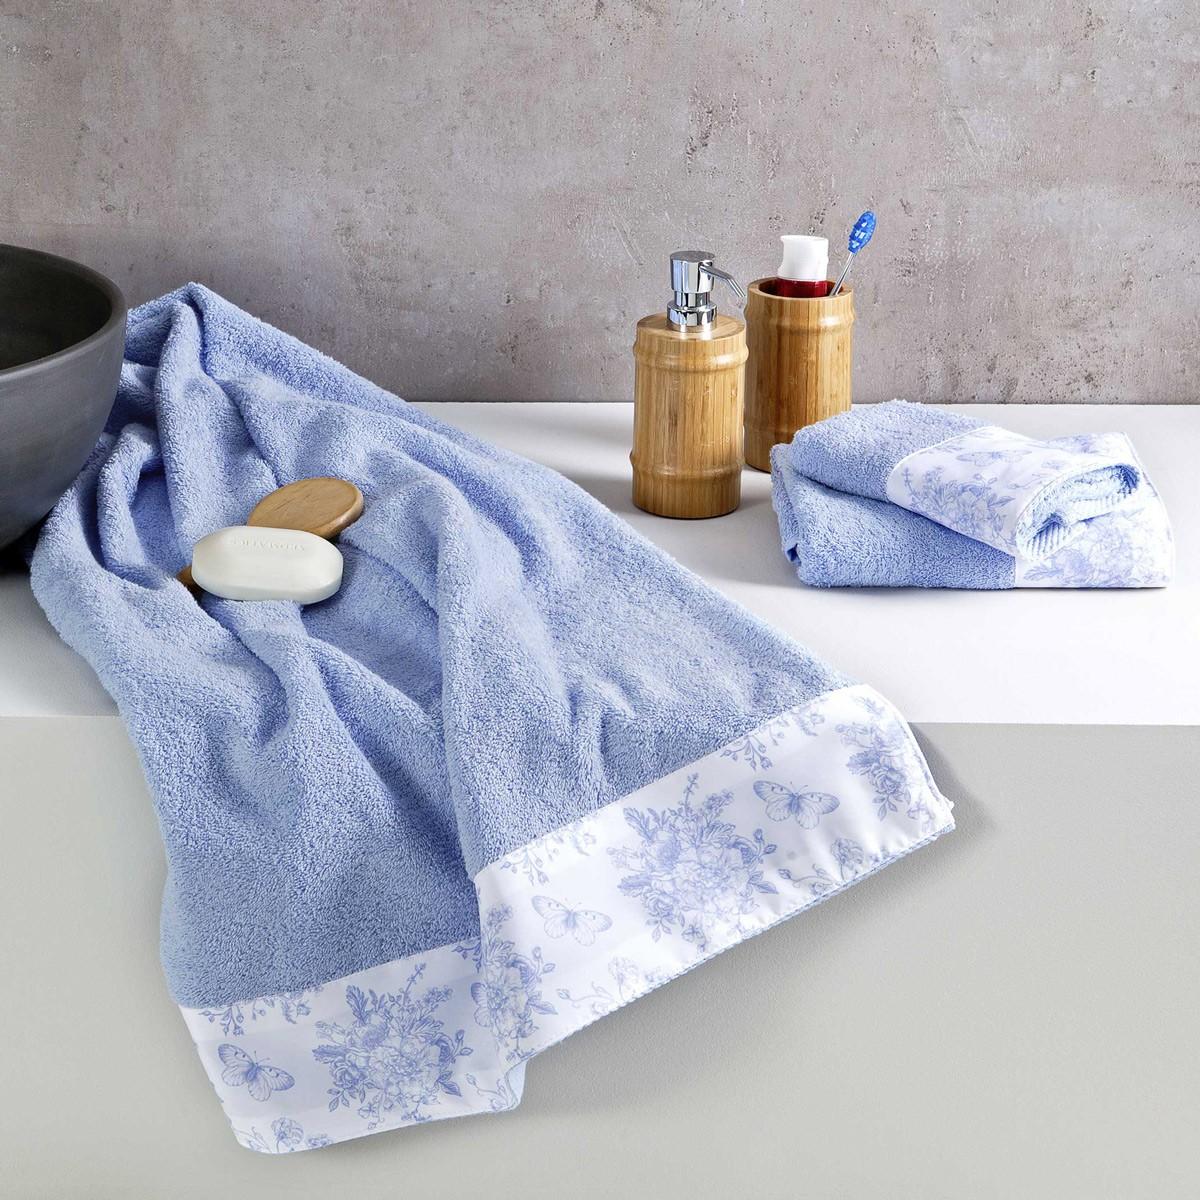 Πετσέτα Προσώπου (50x90) Nima Towels Whitehall